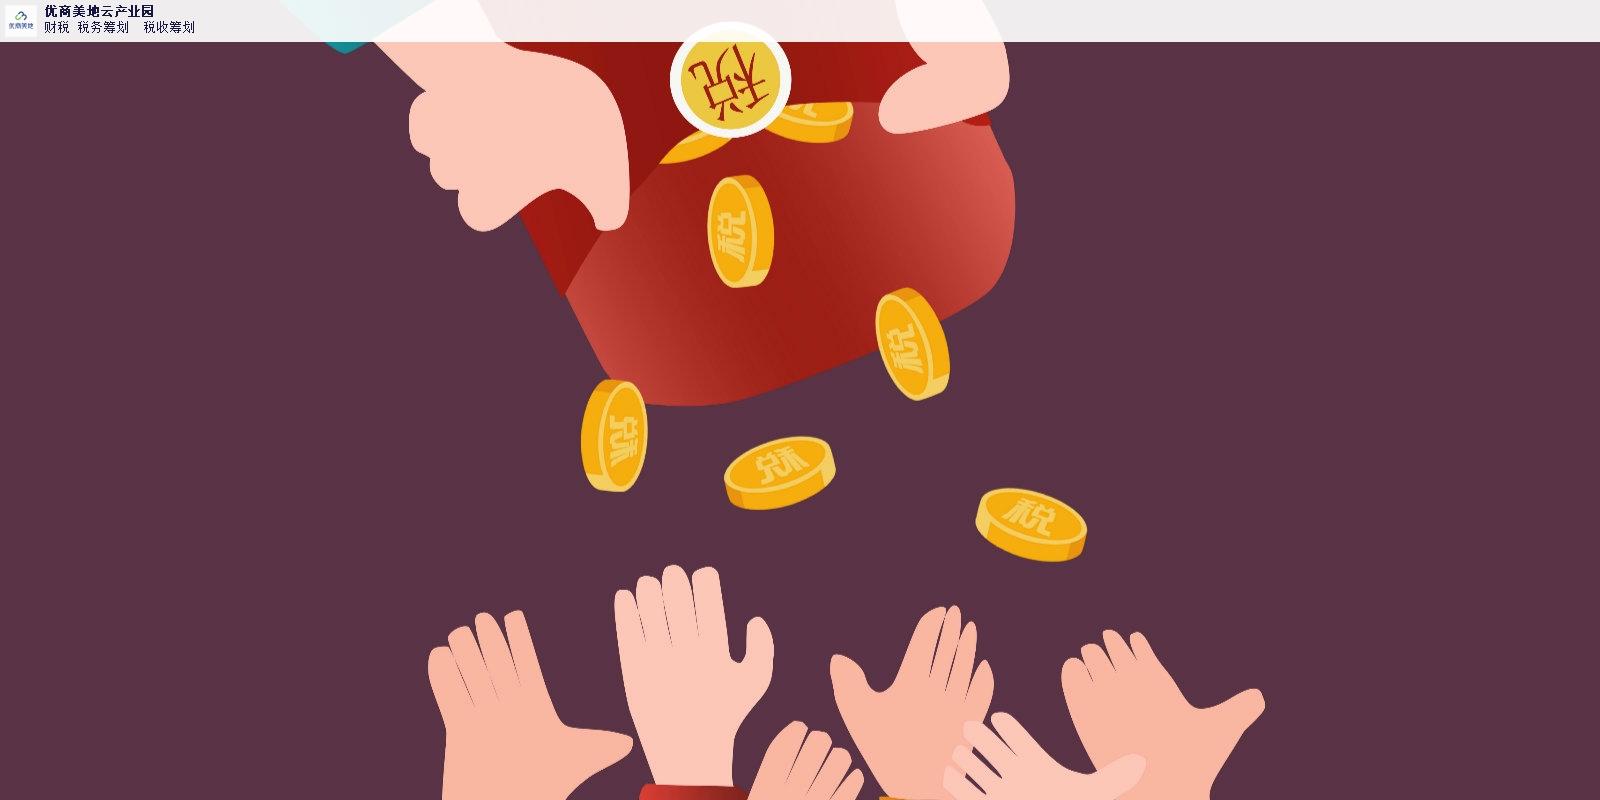 安徽所得税优惠政策税收优惠 服务至上 优商美地云产业园供应